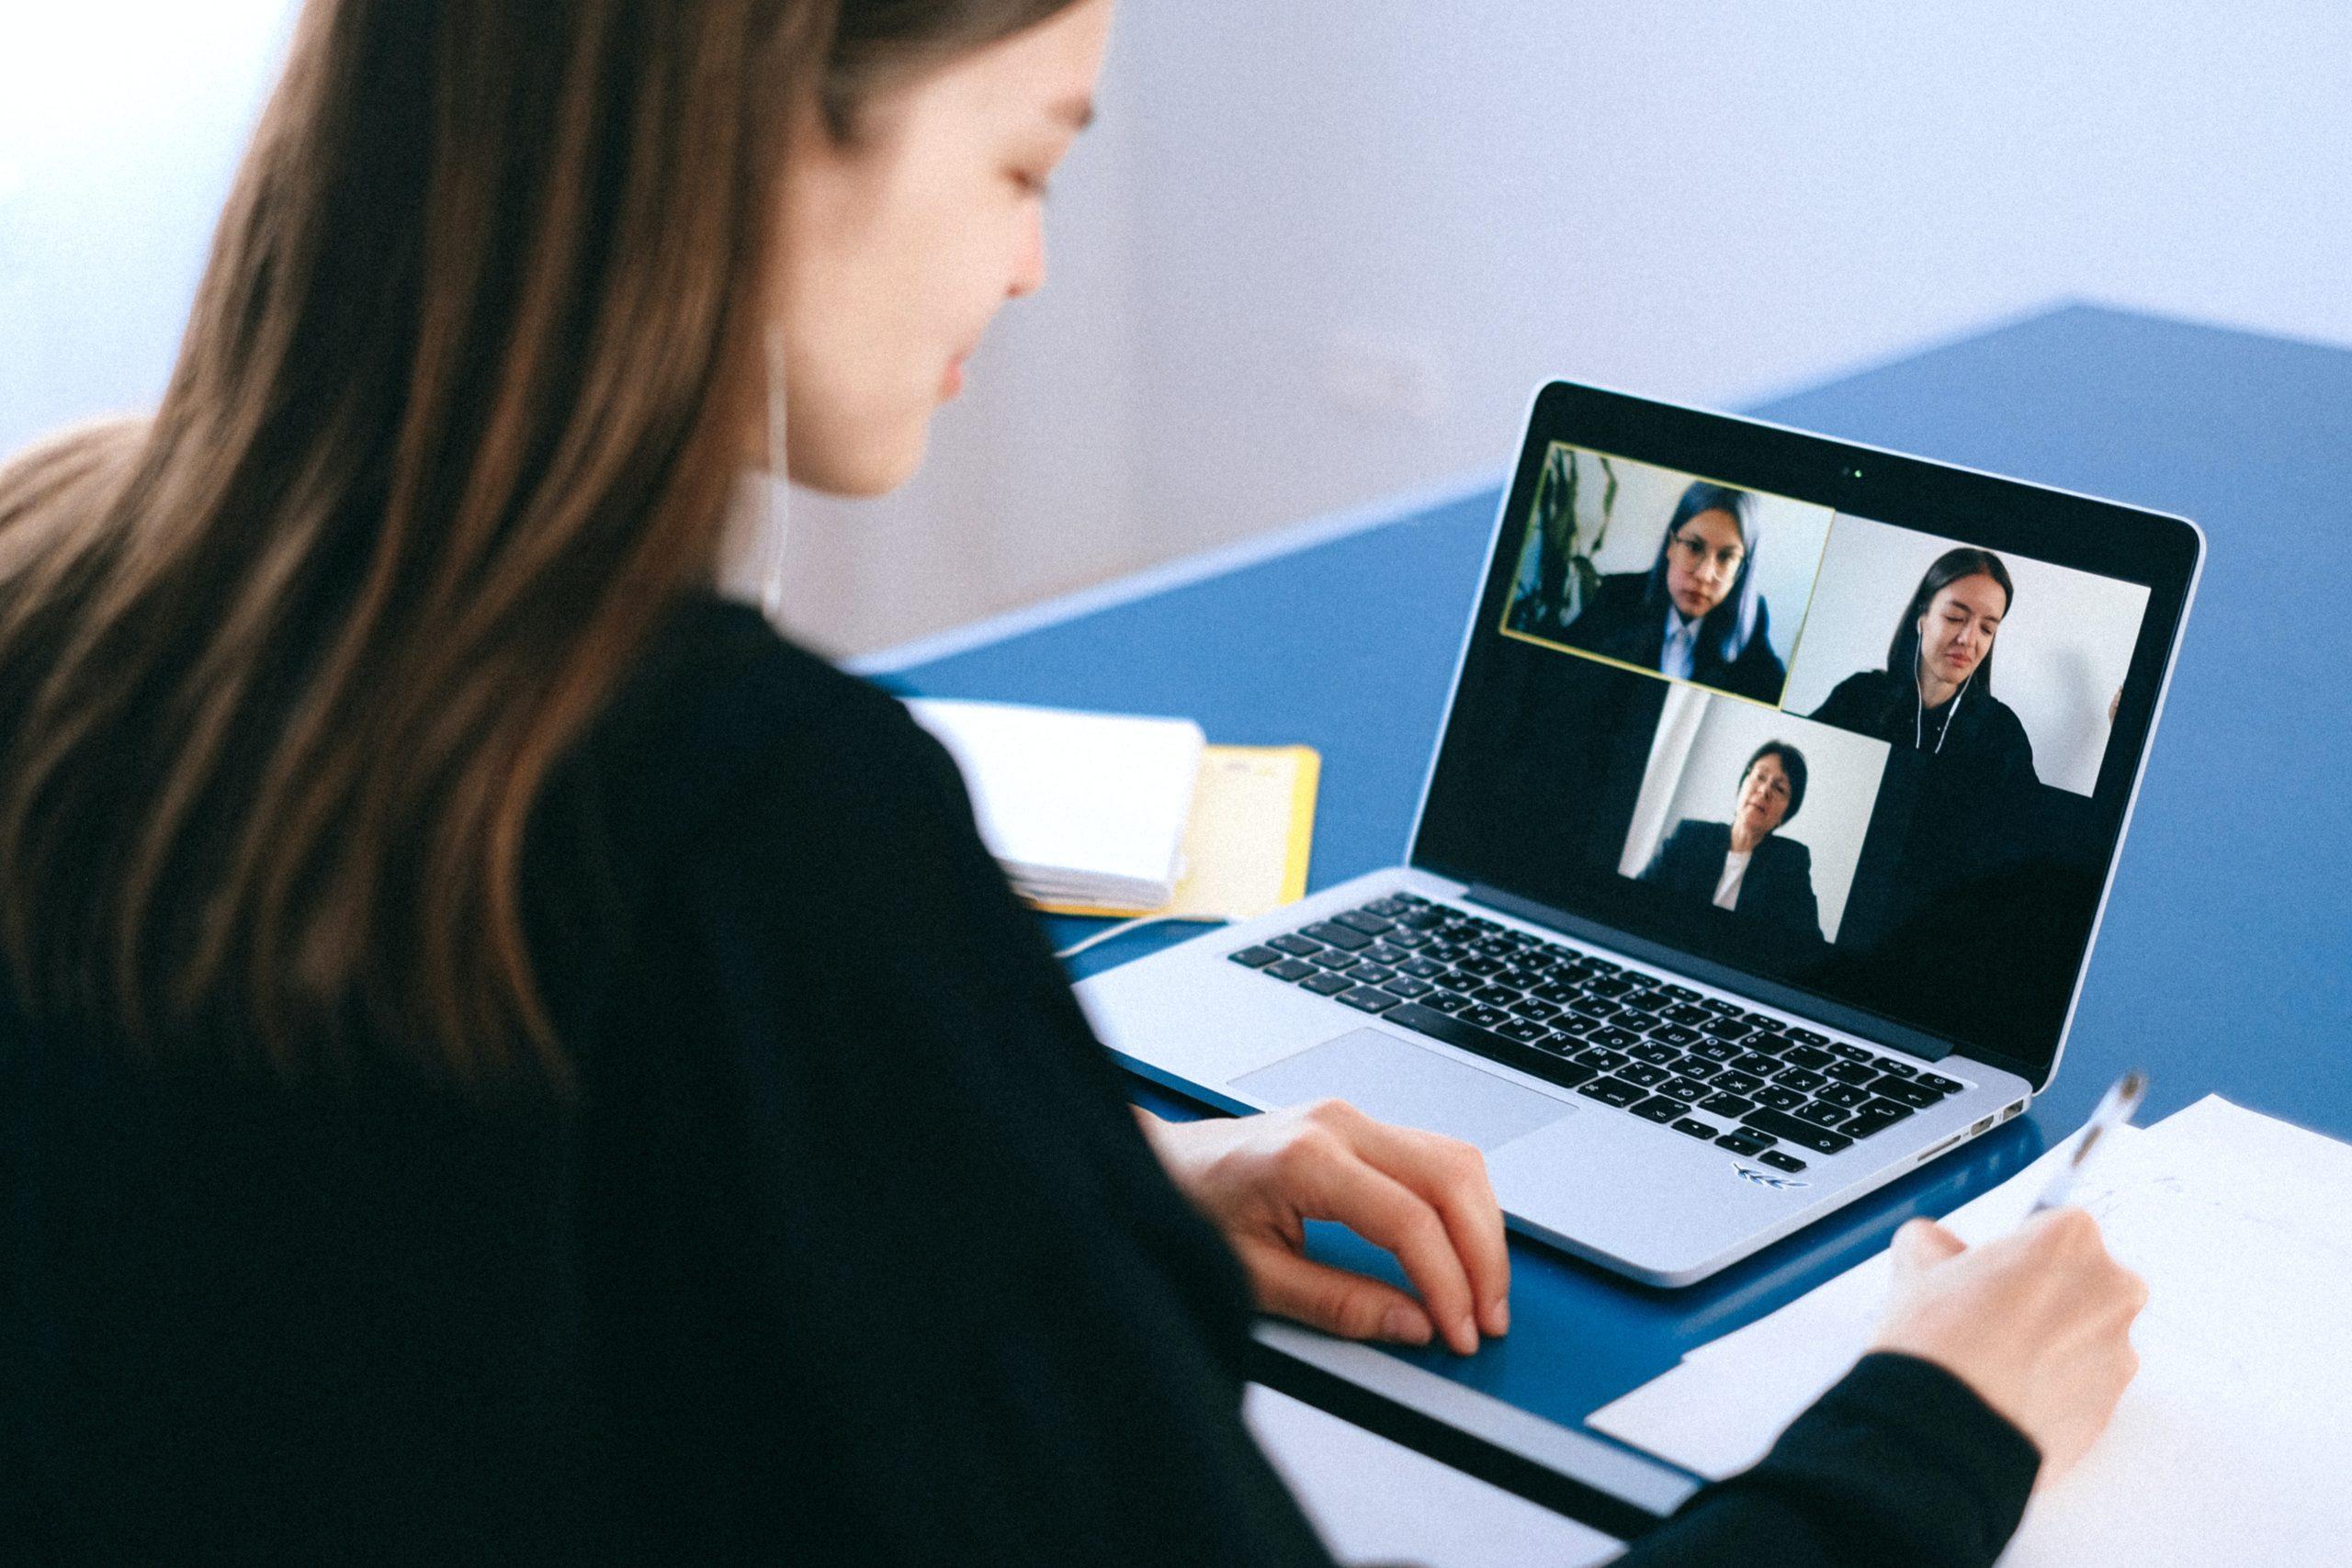 7 puntos para mejorar la comunicación de tu empresa